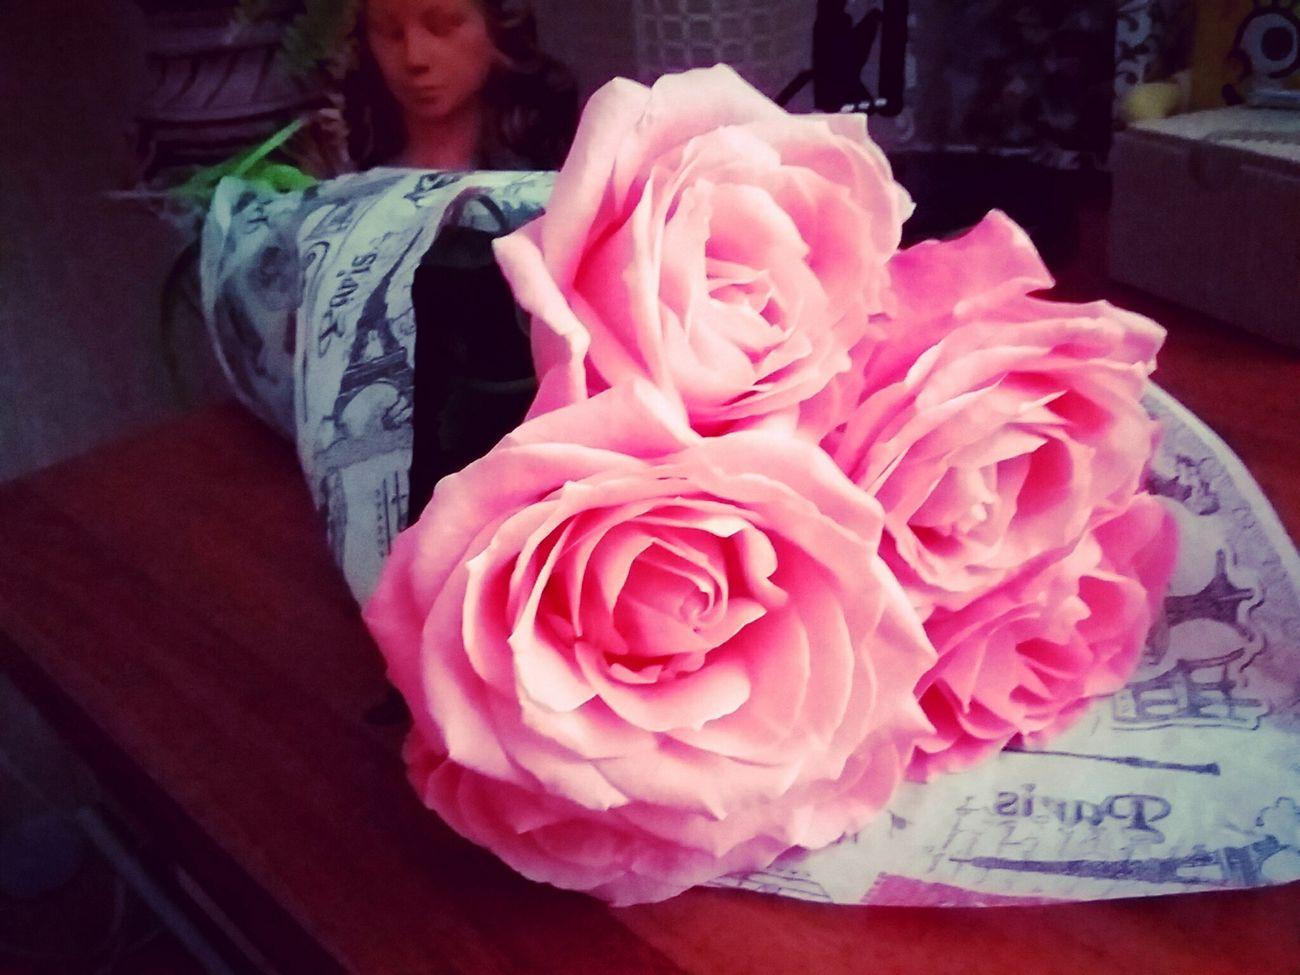 Rose 🌹🌹🍃 😊